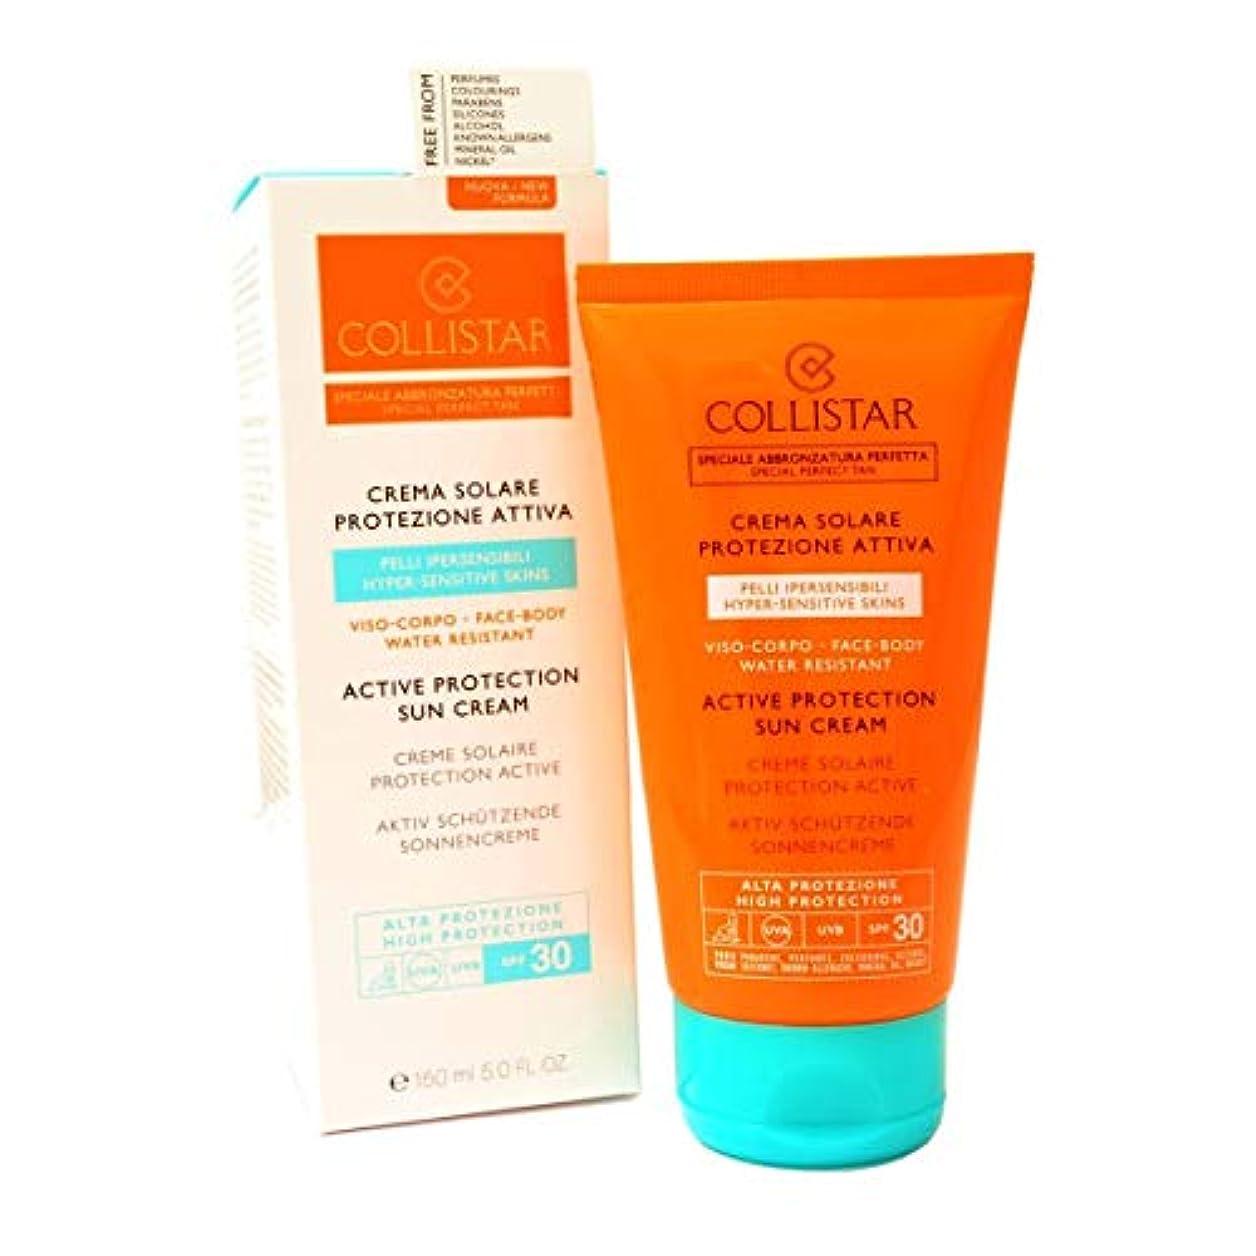 十二ばかげた検出可能Collistar Active Protection Sun Cream Spf30 Face And Body 150ml [並行輸入品]